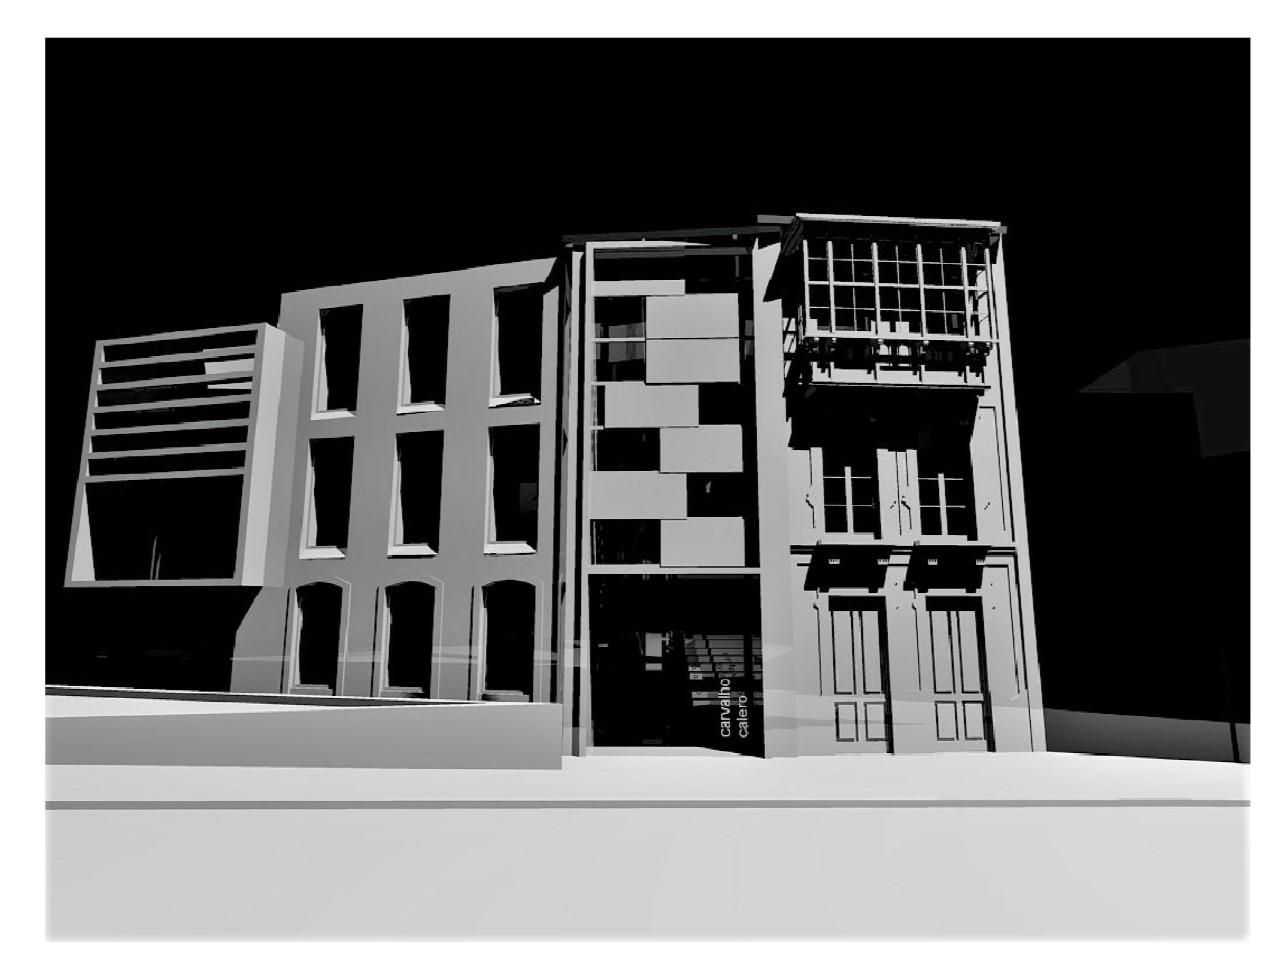 O Concello presenta un anteproxecto no que inclúe un museo sobre o autor